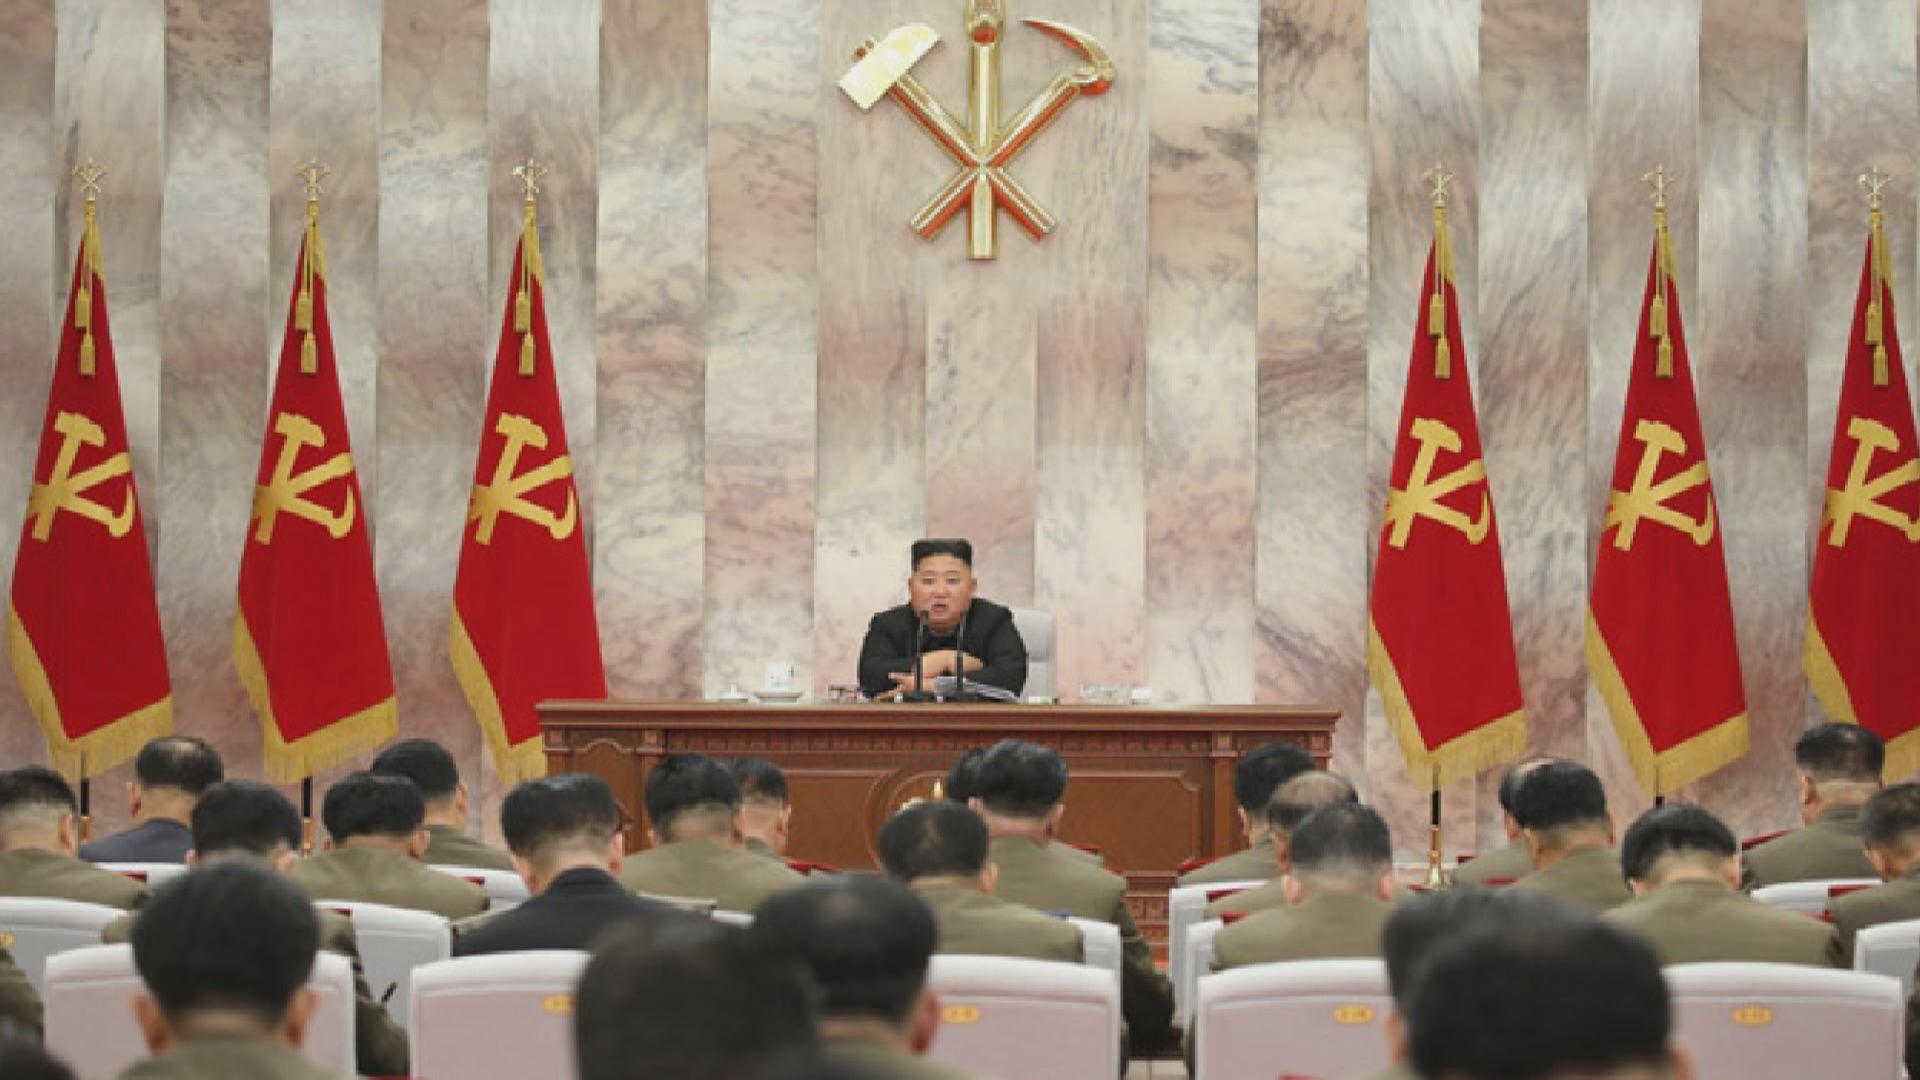 金正恩再露面主持會議 會上提出強化核威懾力量